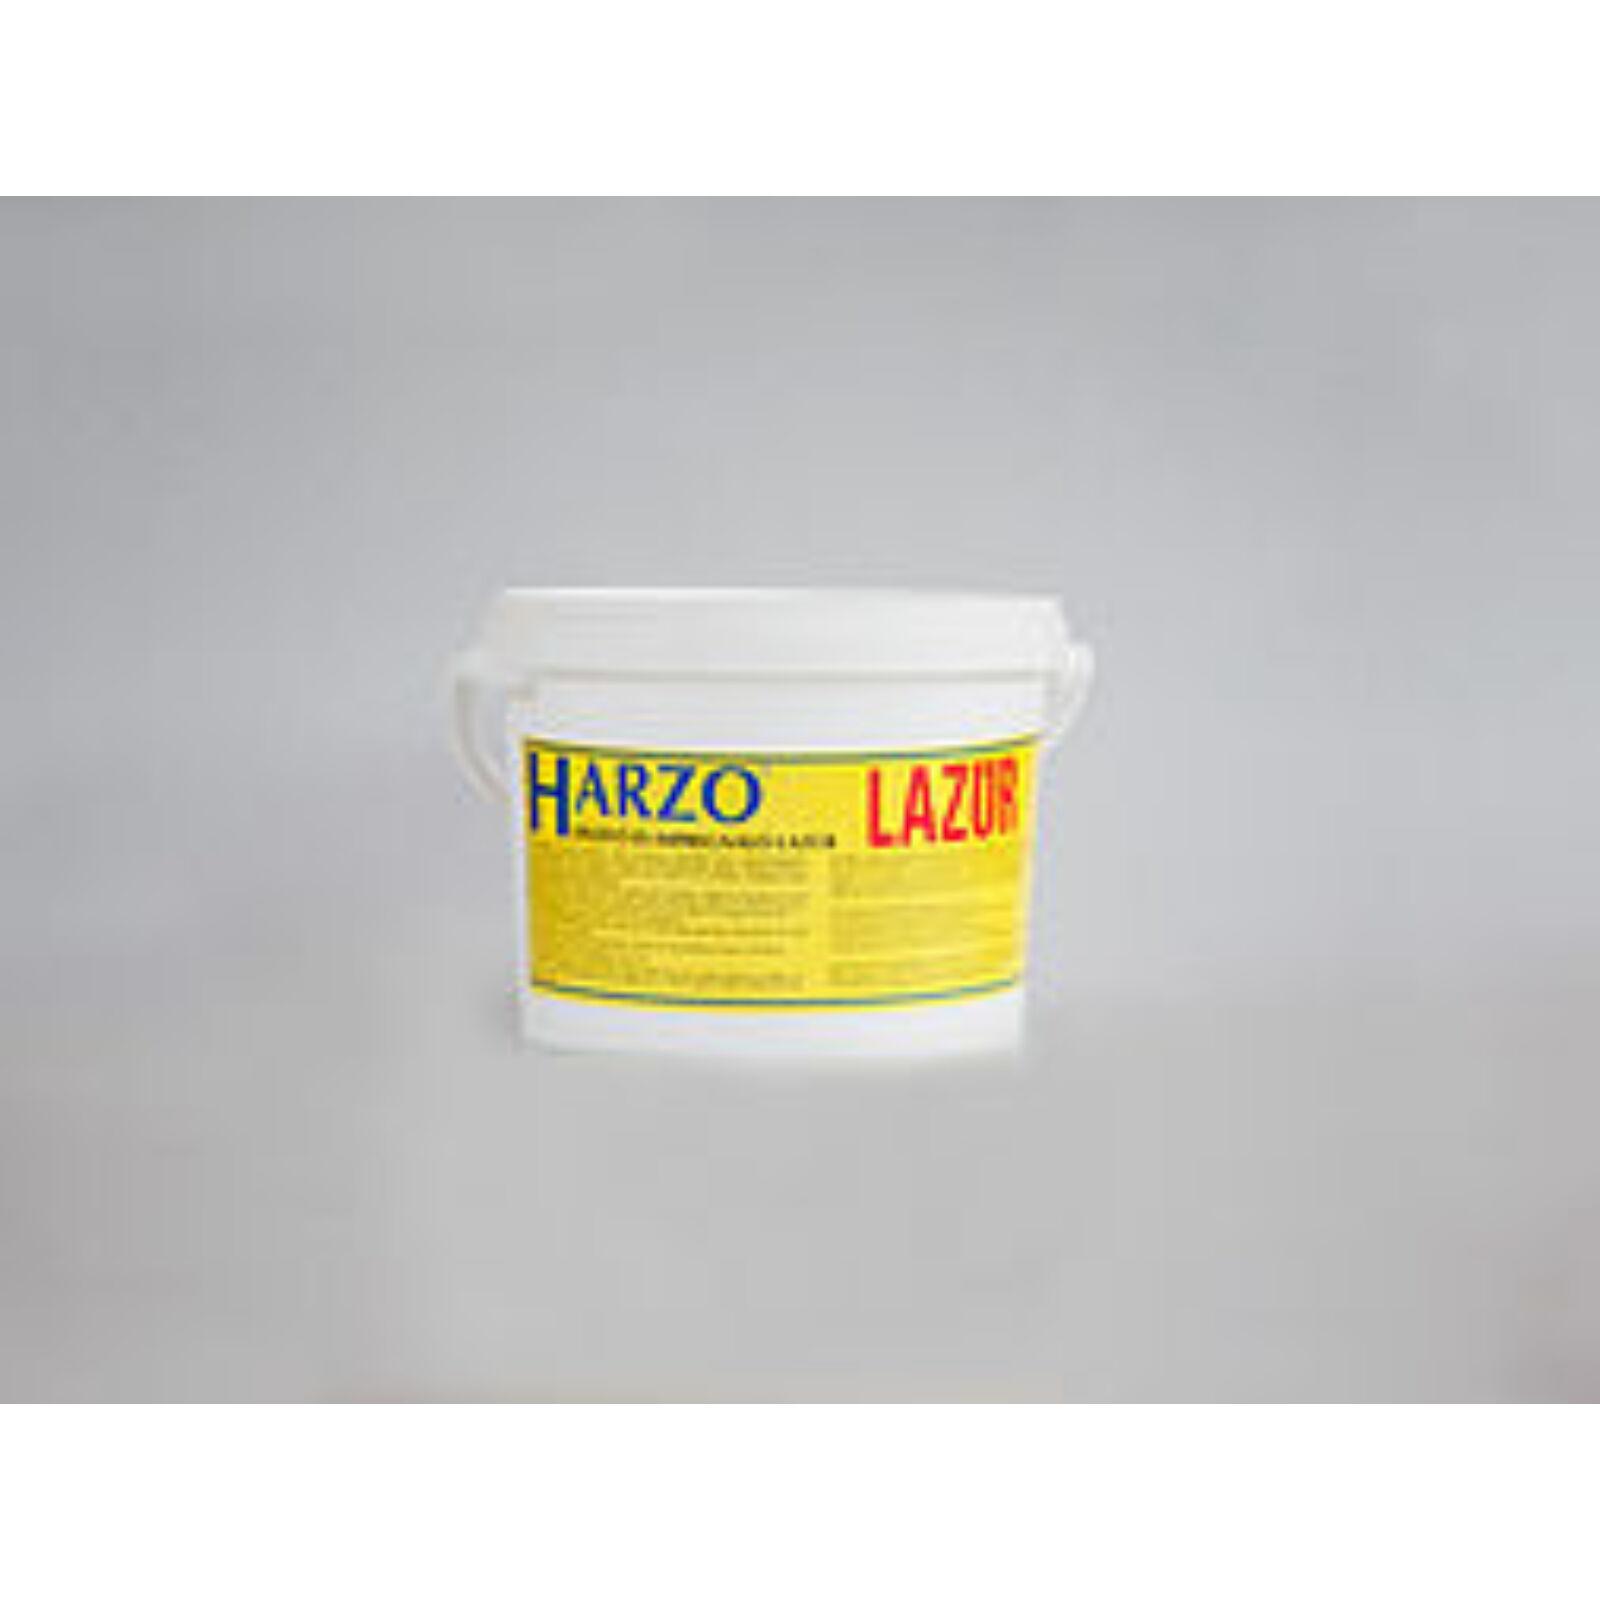 HARZO-Fallazúr imp. és díszítőanyag [2,5 l]